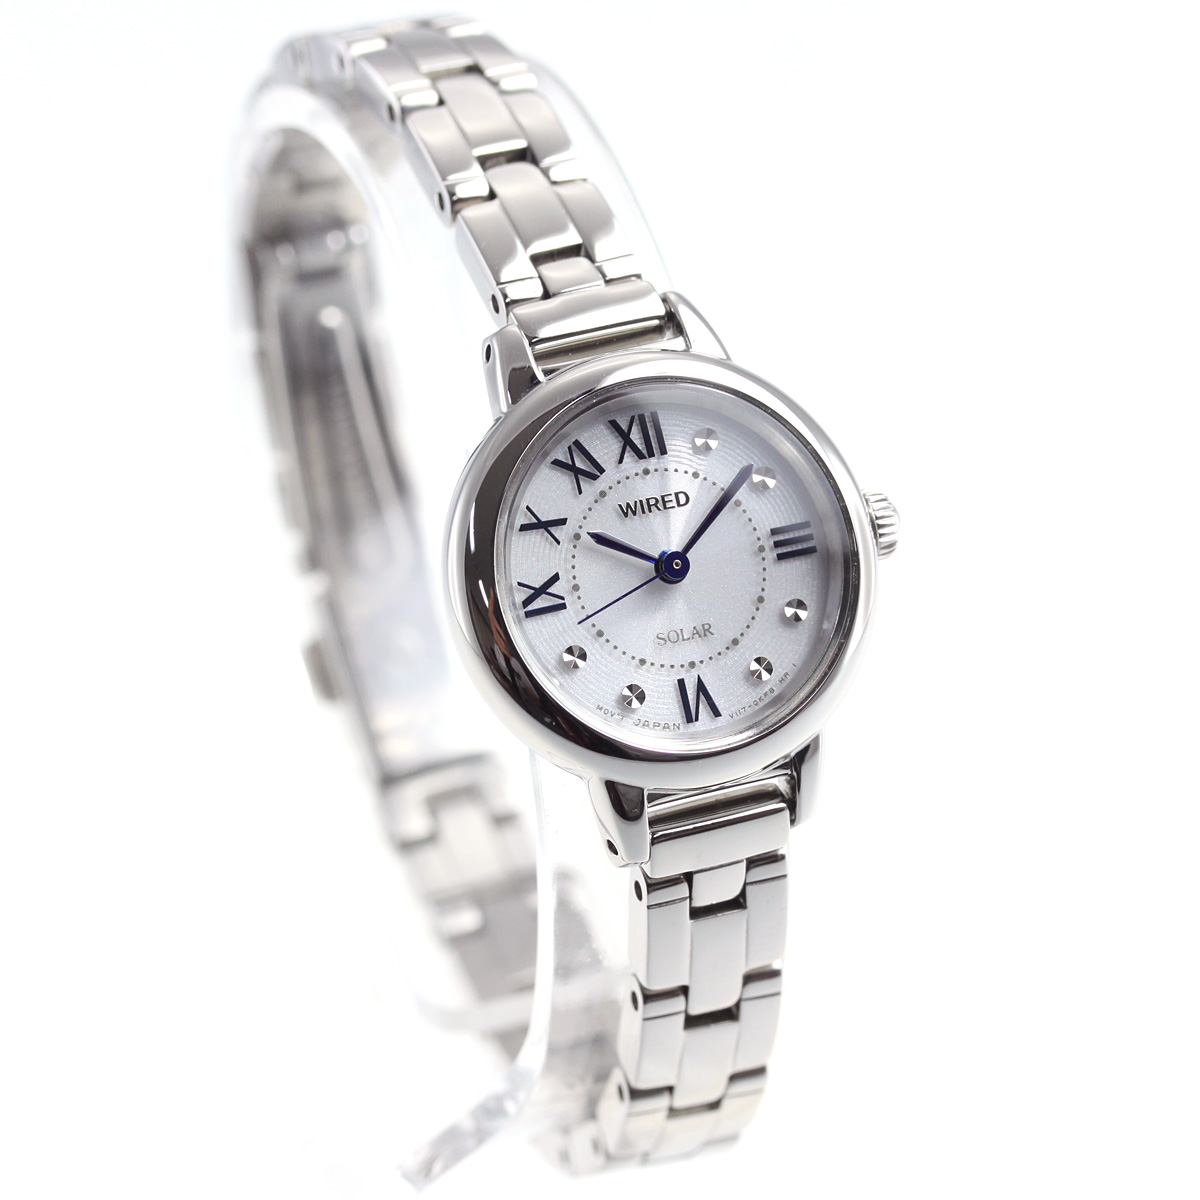 セイコー ワイアード エフ SEIKO WIRED f ソーラー 腕時計 レディース AGED095